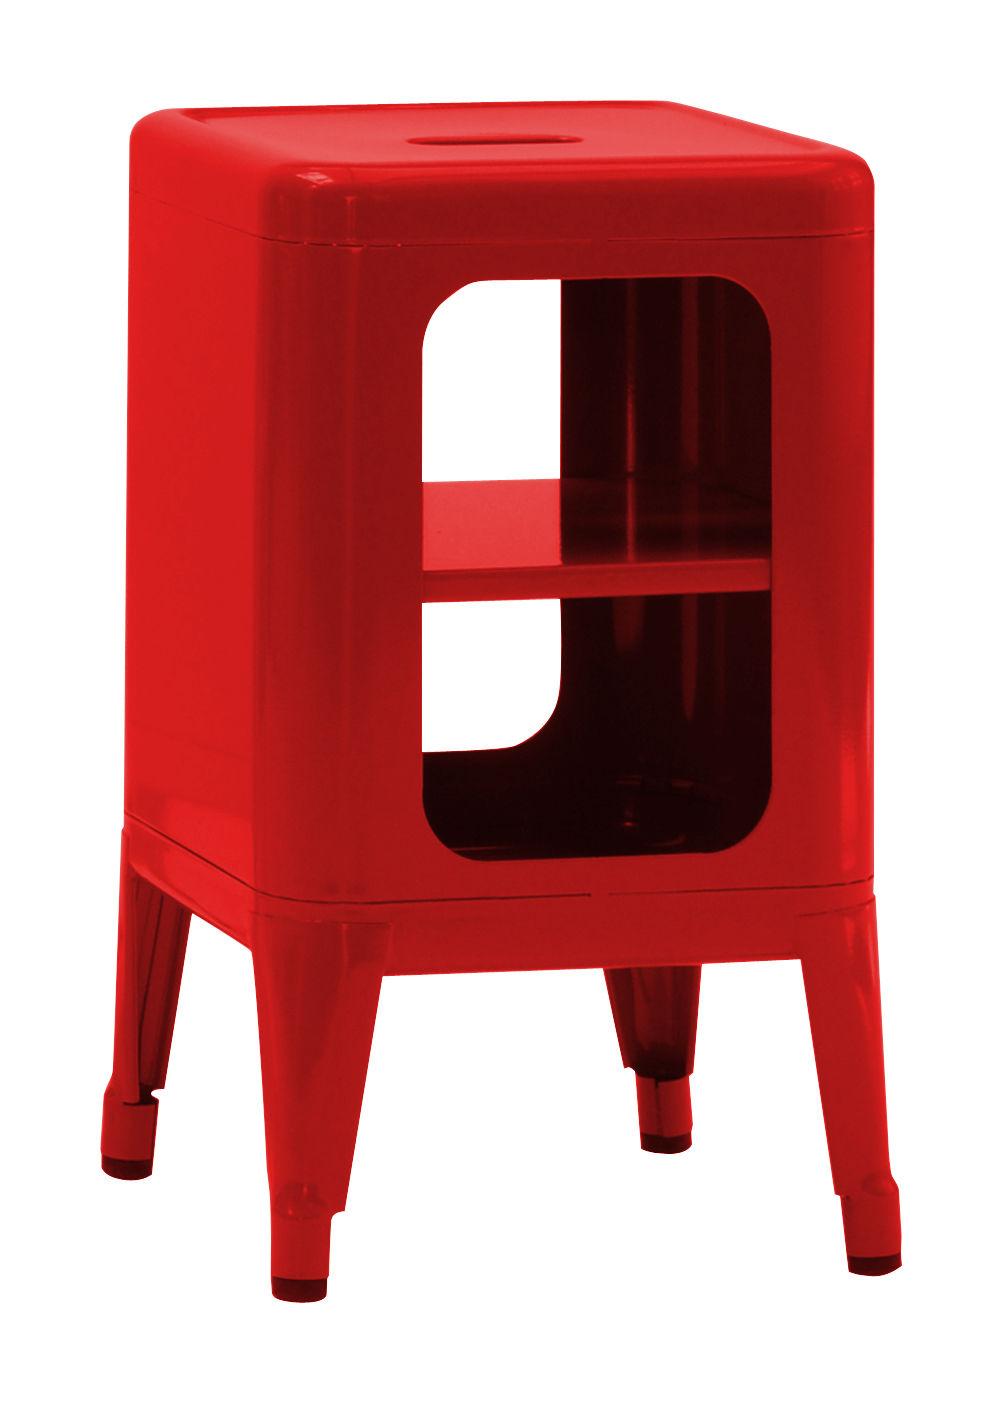 tolix : la chaise a tolix, tabouret tolix | made in design